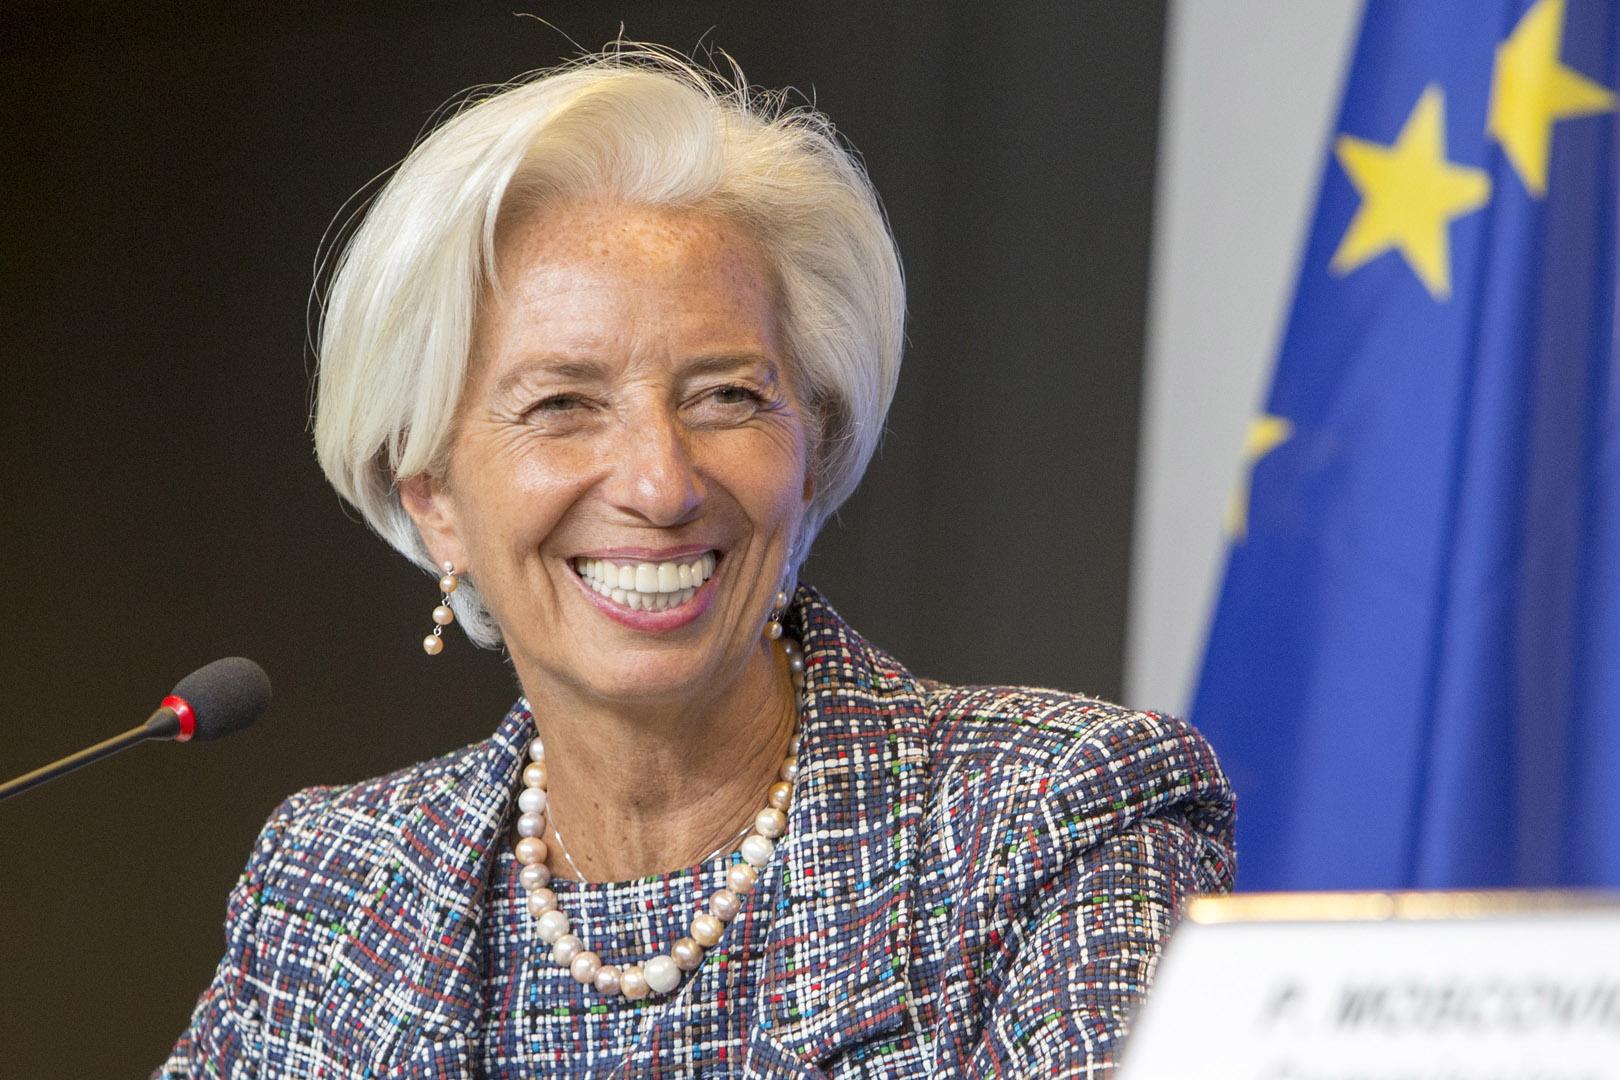 BCE: La Presidente invita ad effettuare investimenti per la crescita economica del Paese